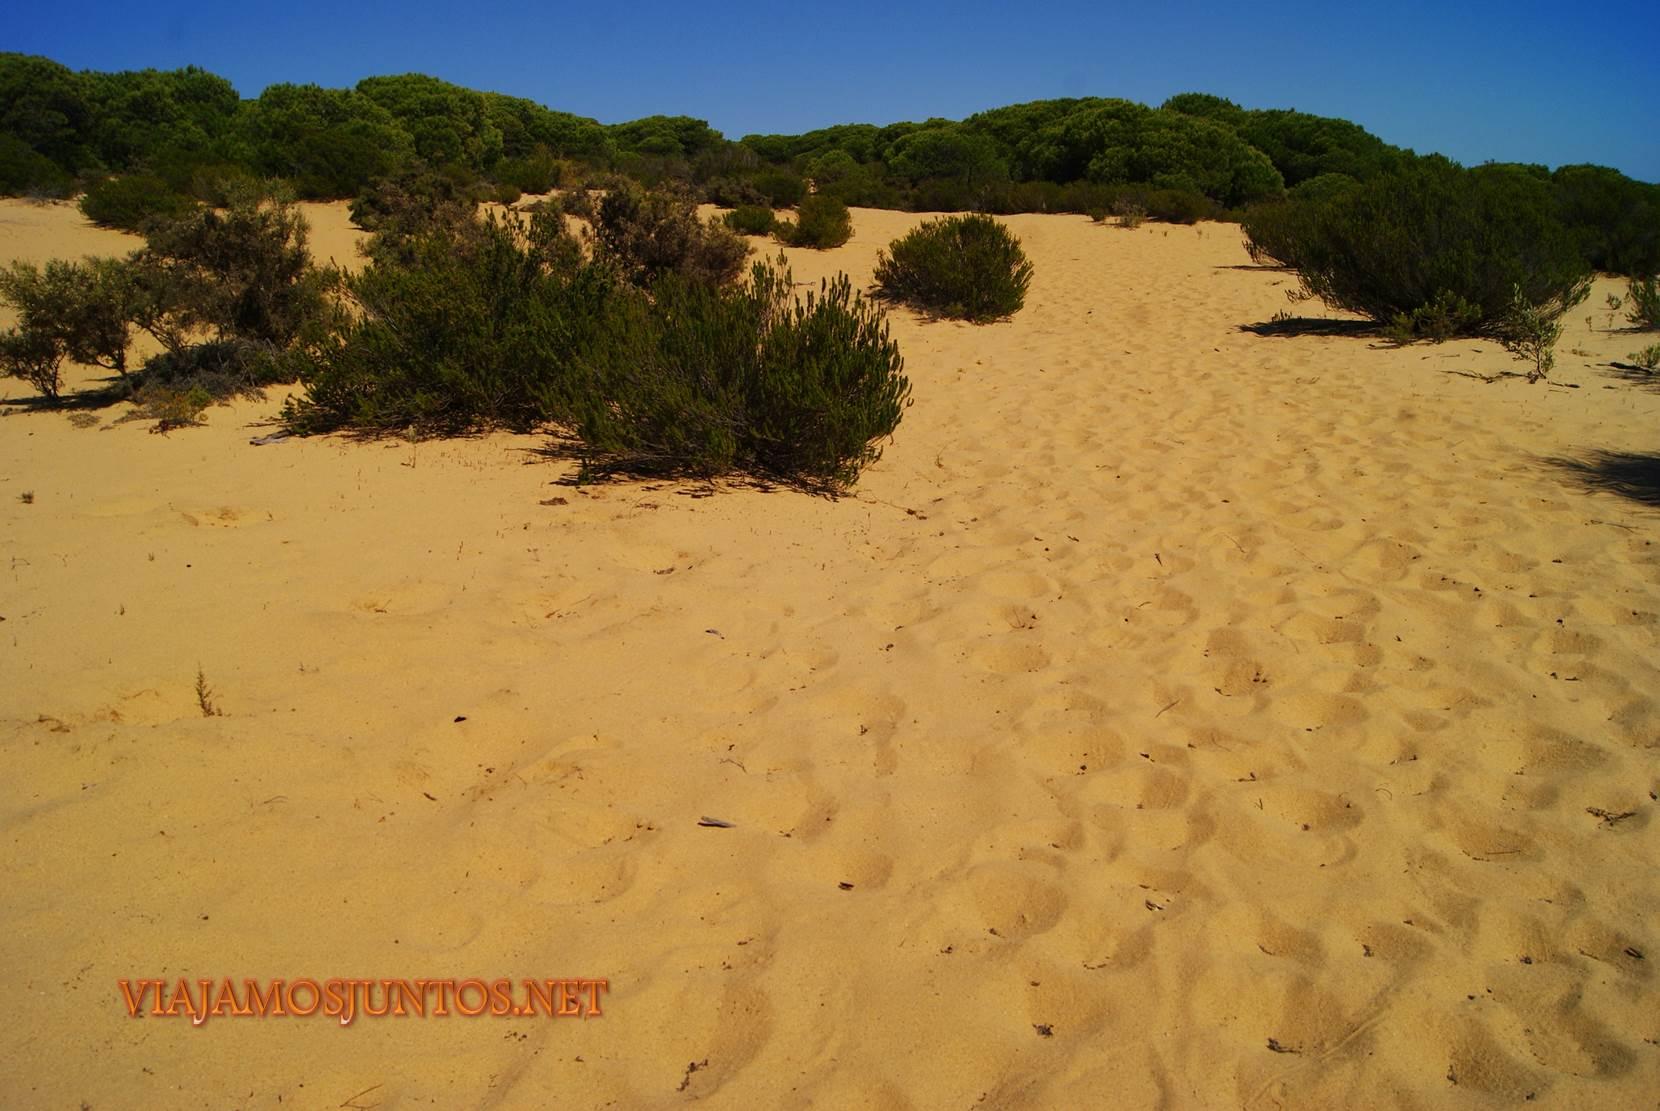 Doñana, parque natural, parque nacional, parque dunar, dunas, dunas fijas, huelva, andalucia, acantilado, senderismo, rutas